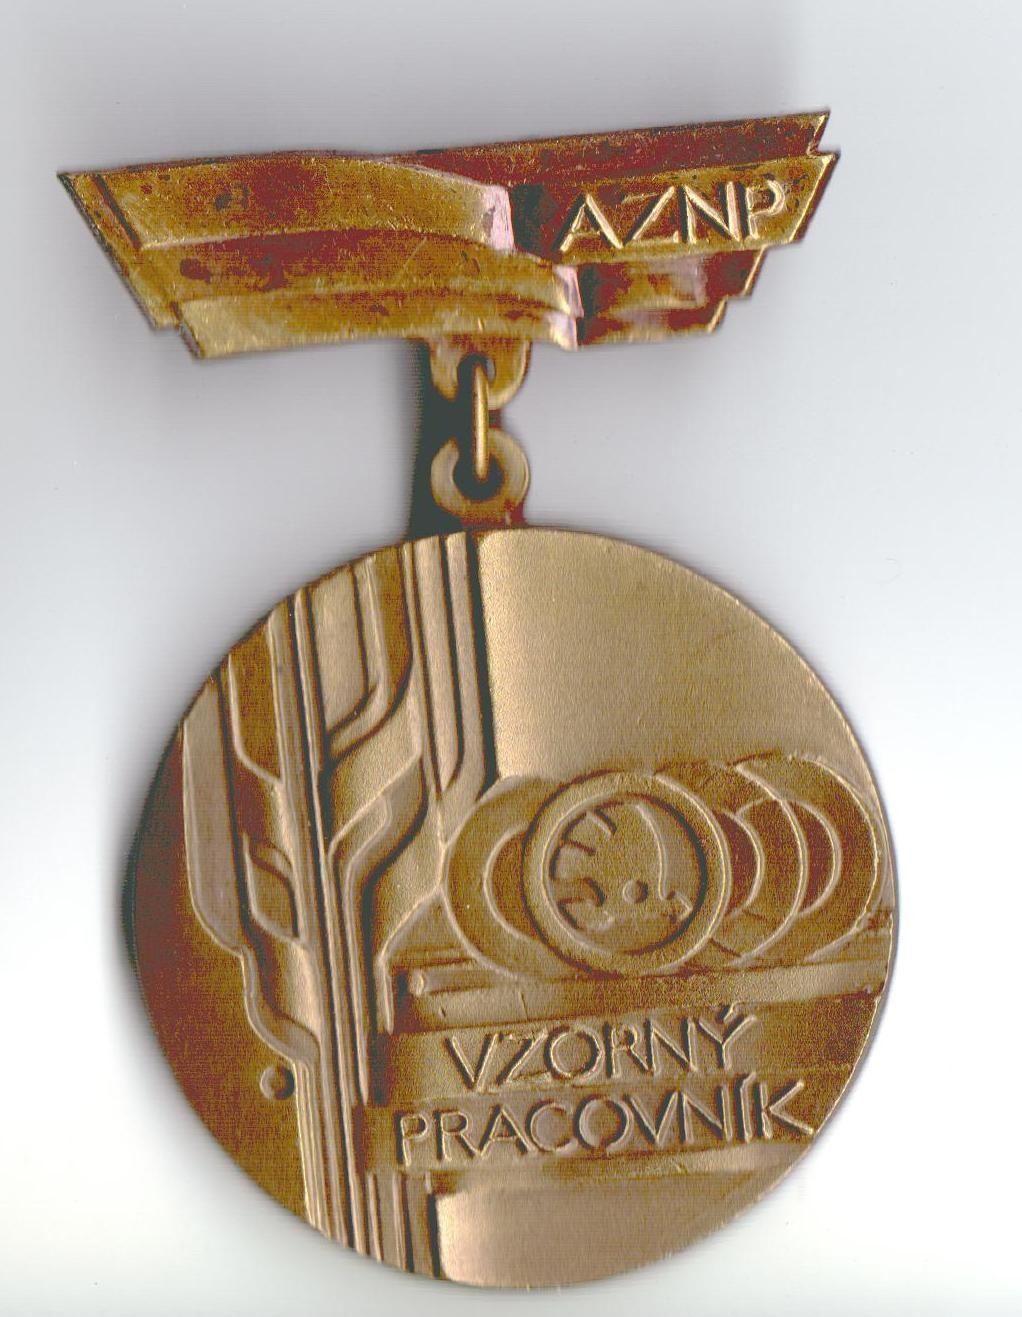 ČSSR - Vzorný pracovní AZNP Škoda, M. Boleslav